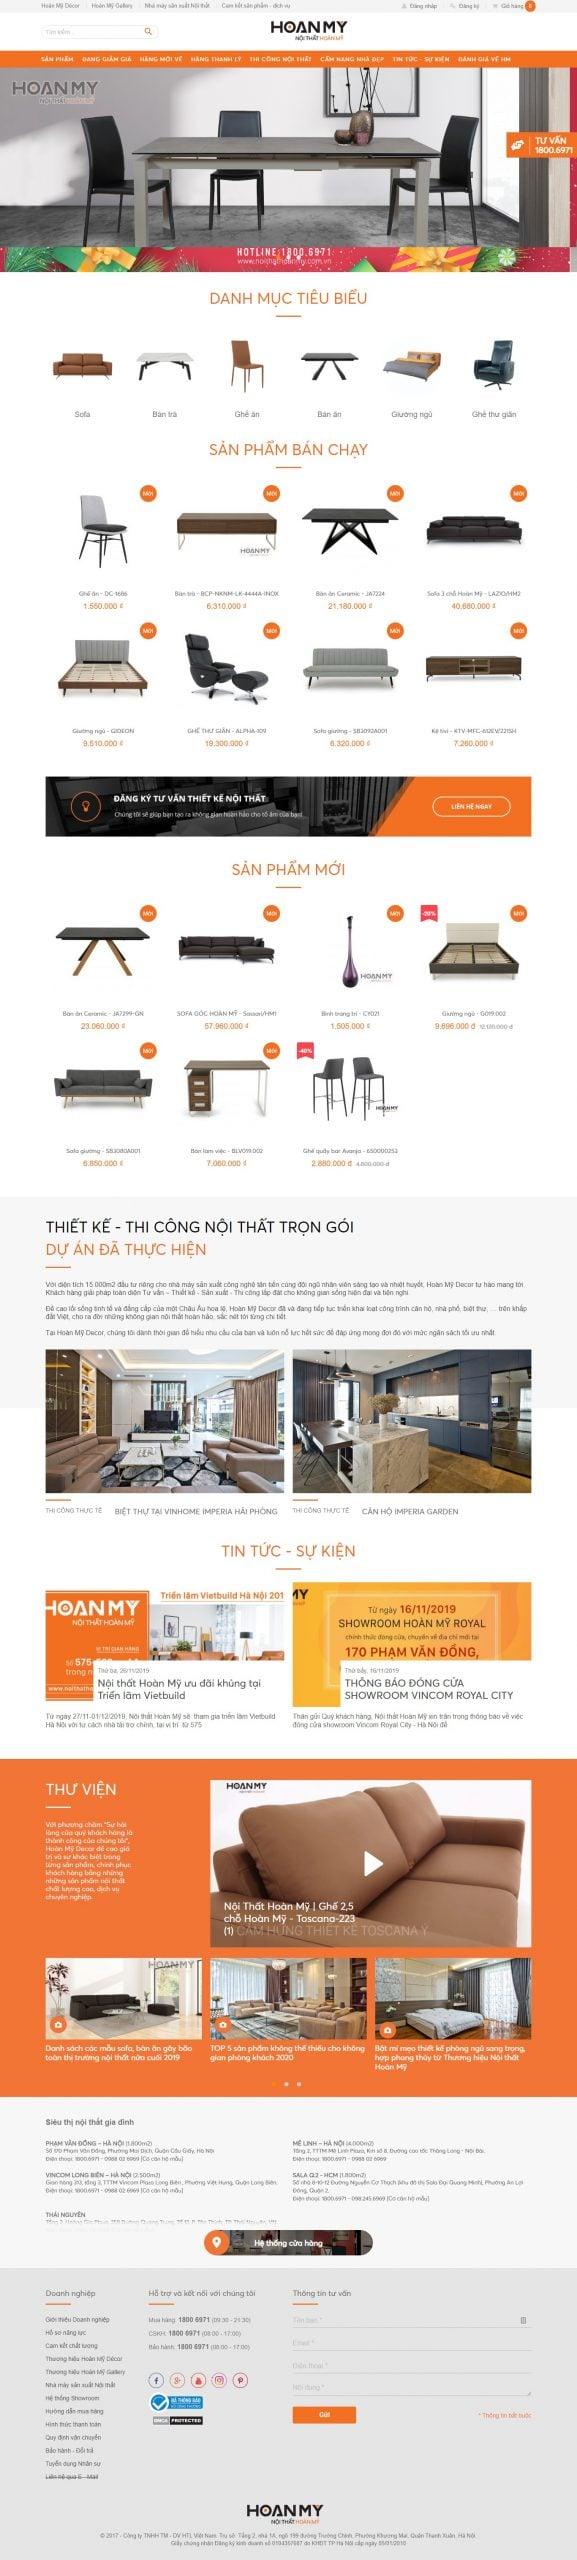 Mẫu thiết kế website bán hàng – noithathoanmy.com.vn Nội Thất Hoàn Mỹ_ Hệ Thống Siêu Thị Đồ Nội Thất Nhập Khẩu Cao Cấp